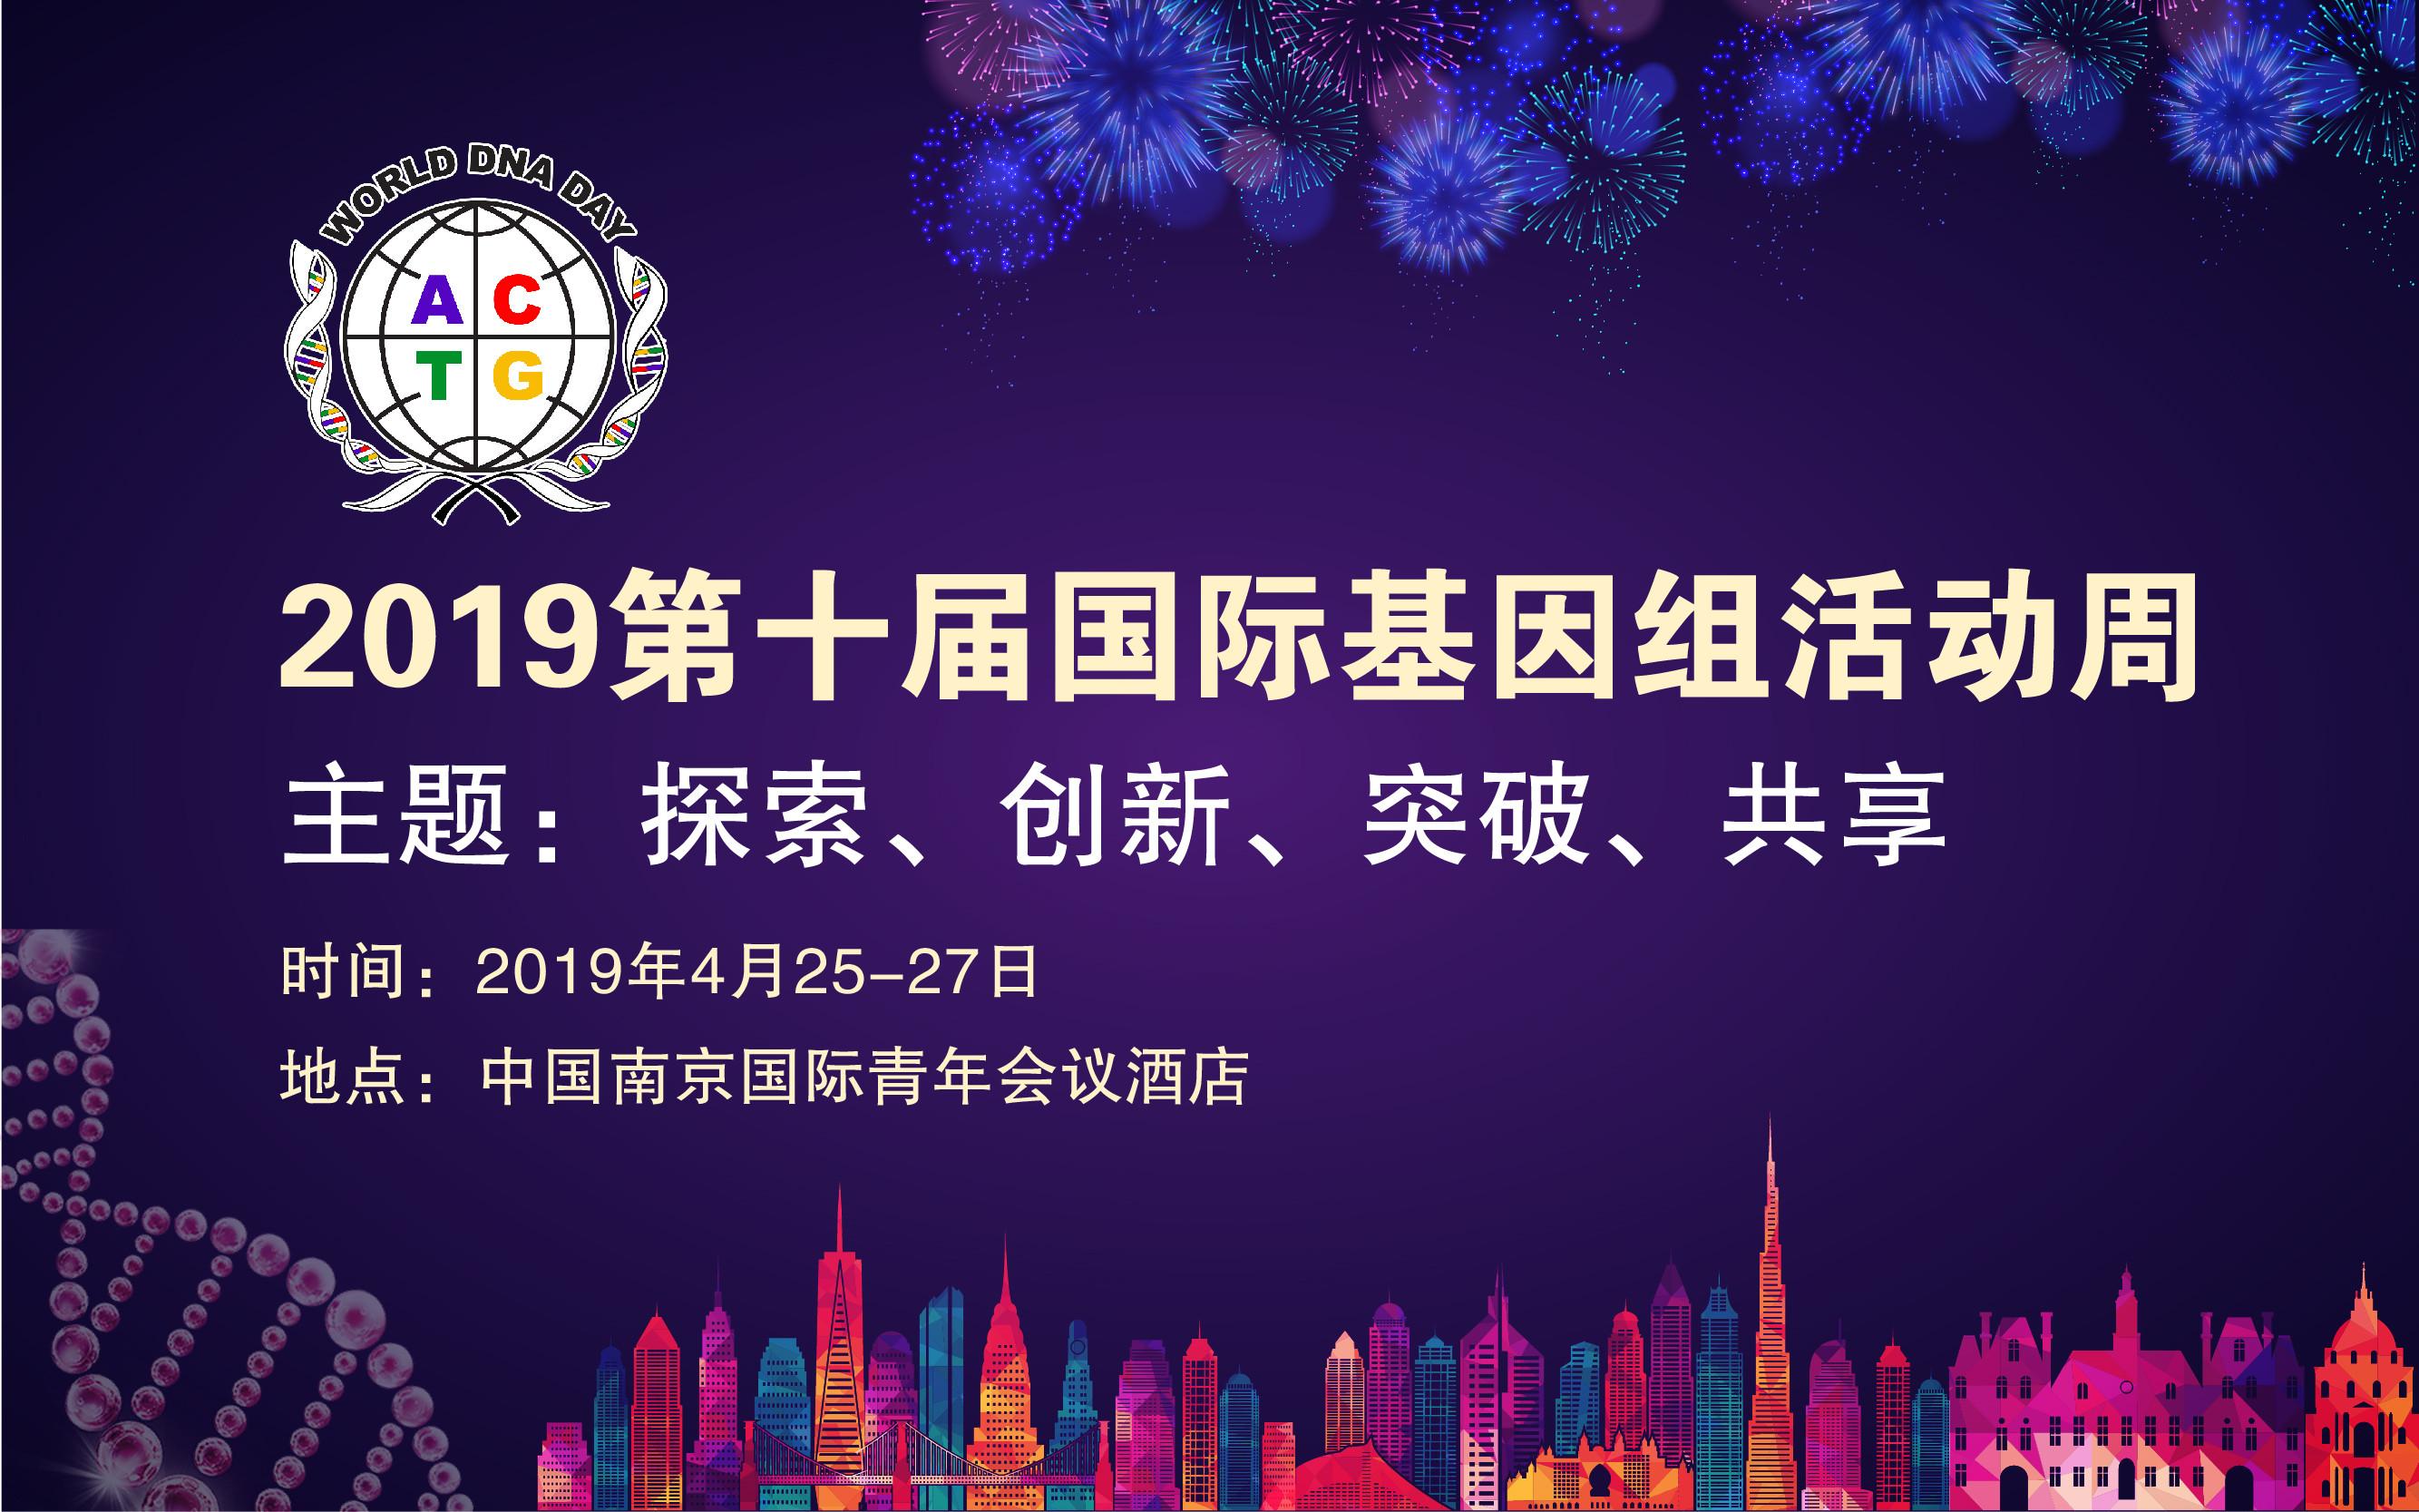 2019第十届国际基因组活动周(WDD-2019)